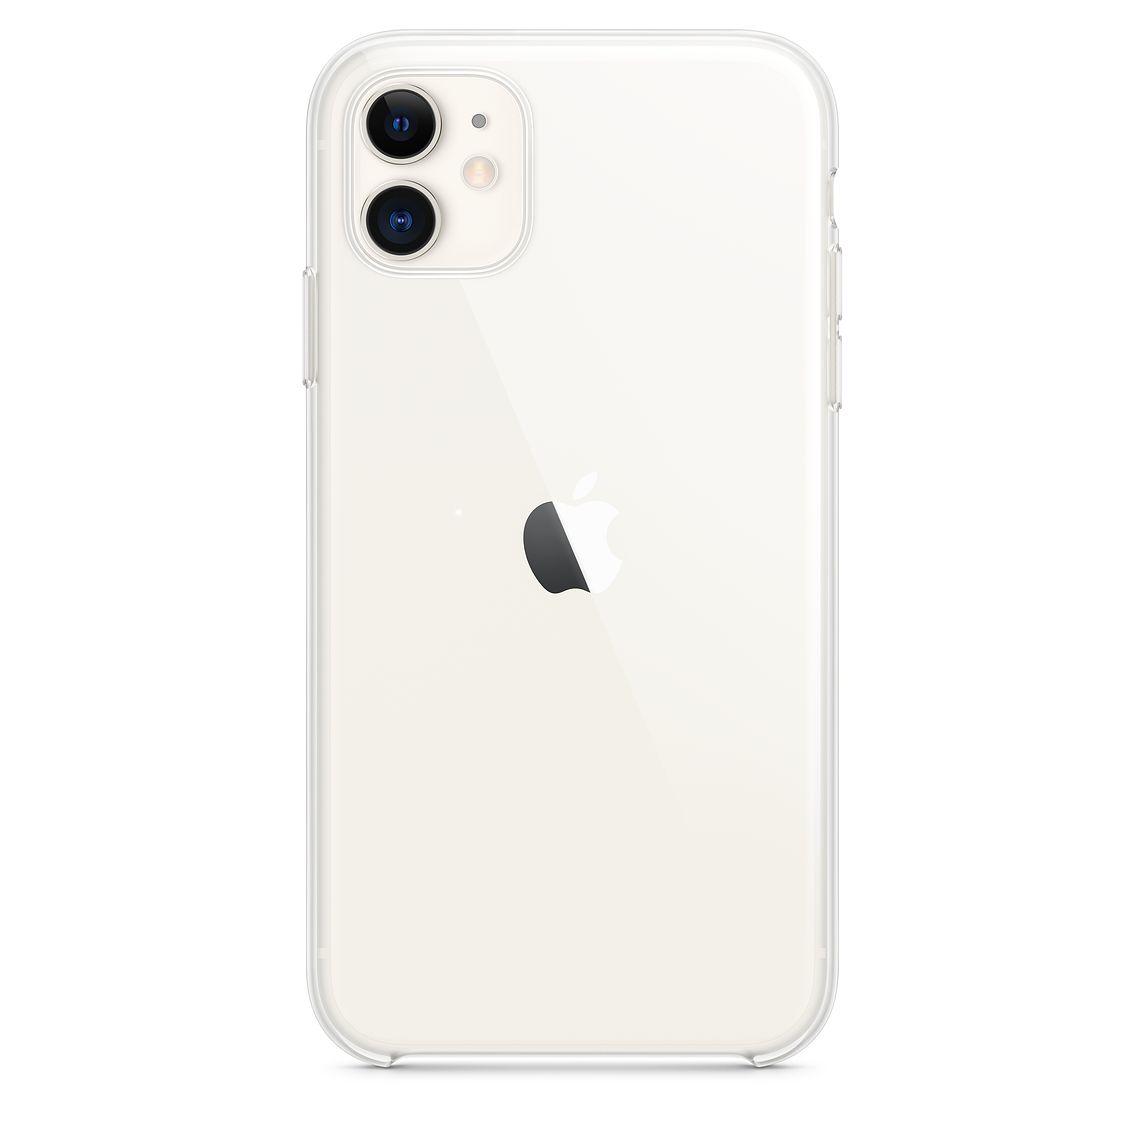 IPHONE 11 HK,64GB